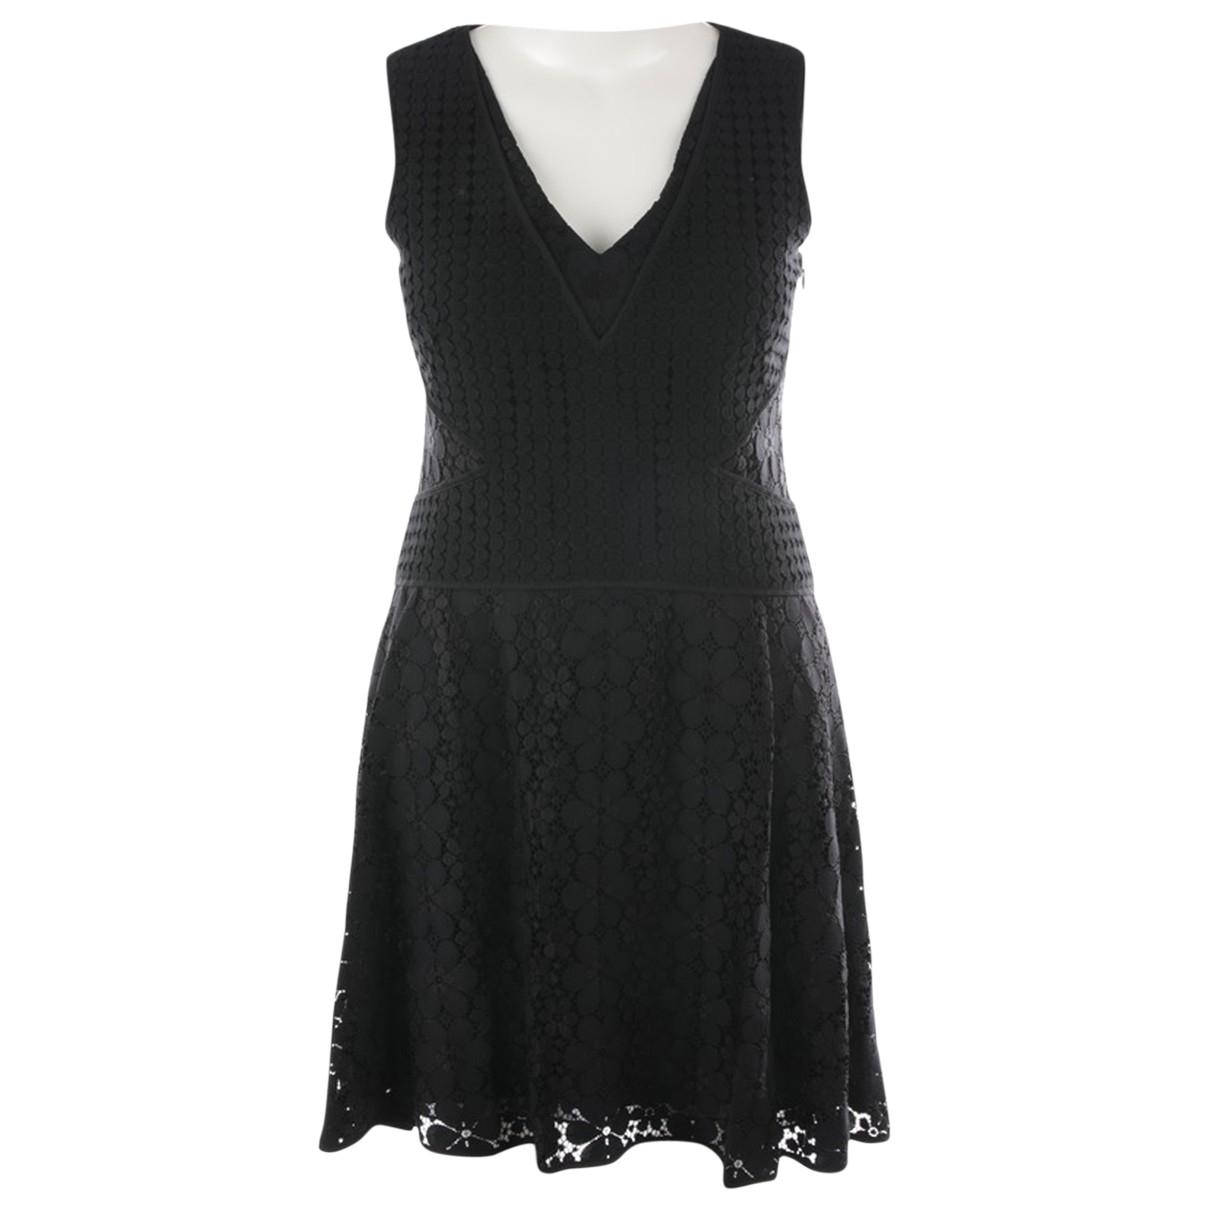 Diane Von Furstenberg \N Black Cotton dress for Women 40 FR